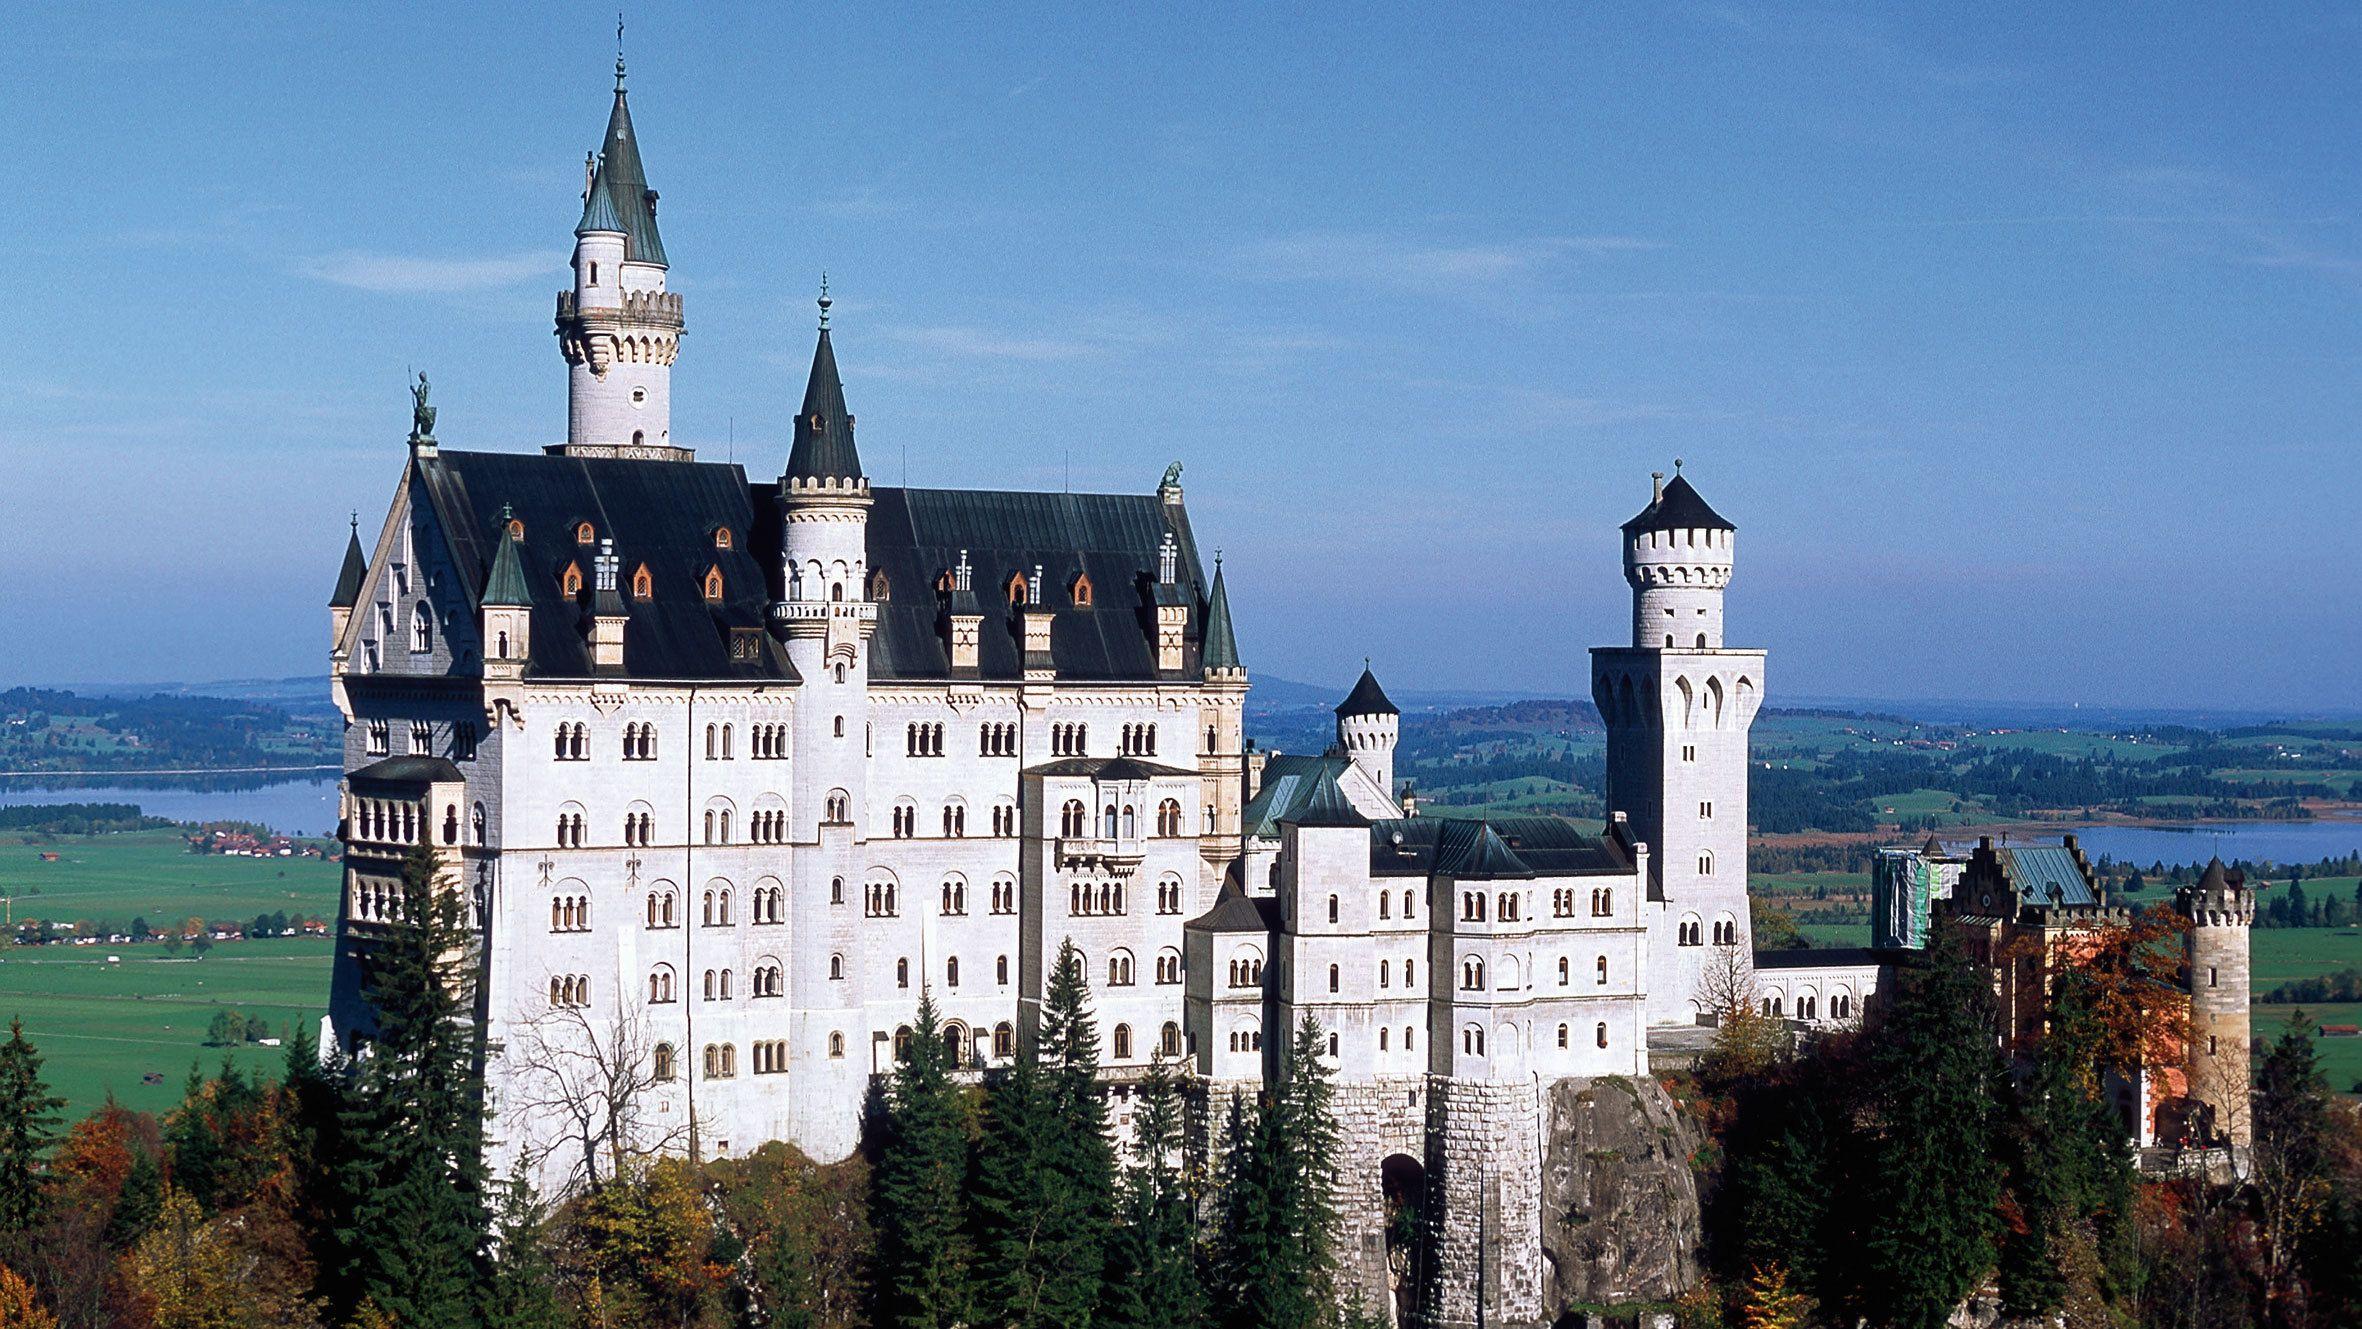 Neuschwanstein Castle, a Hill castle in Schwangau, Germany